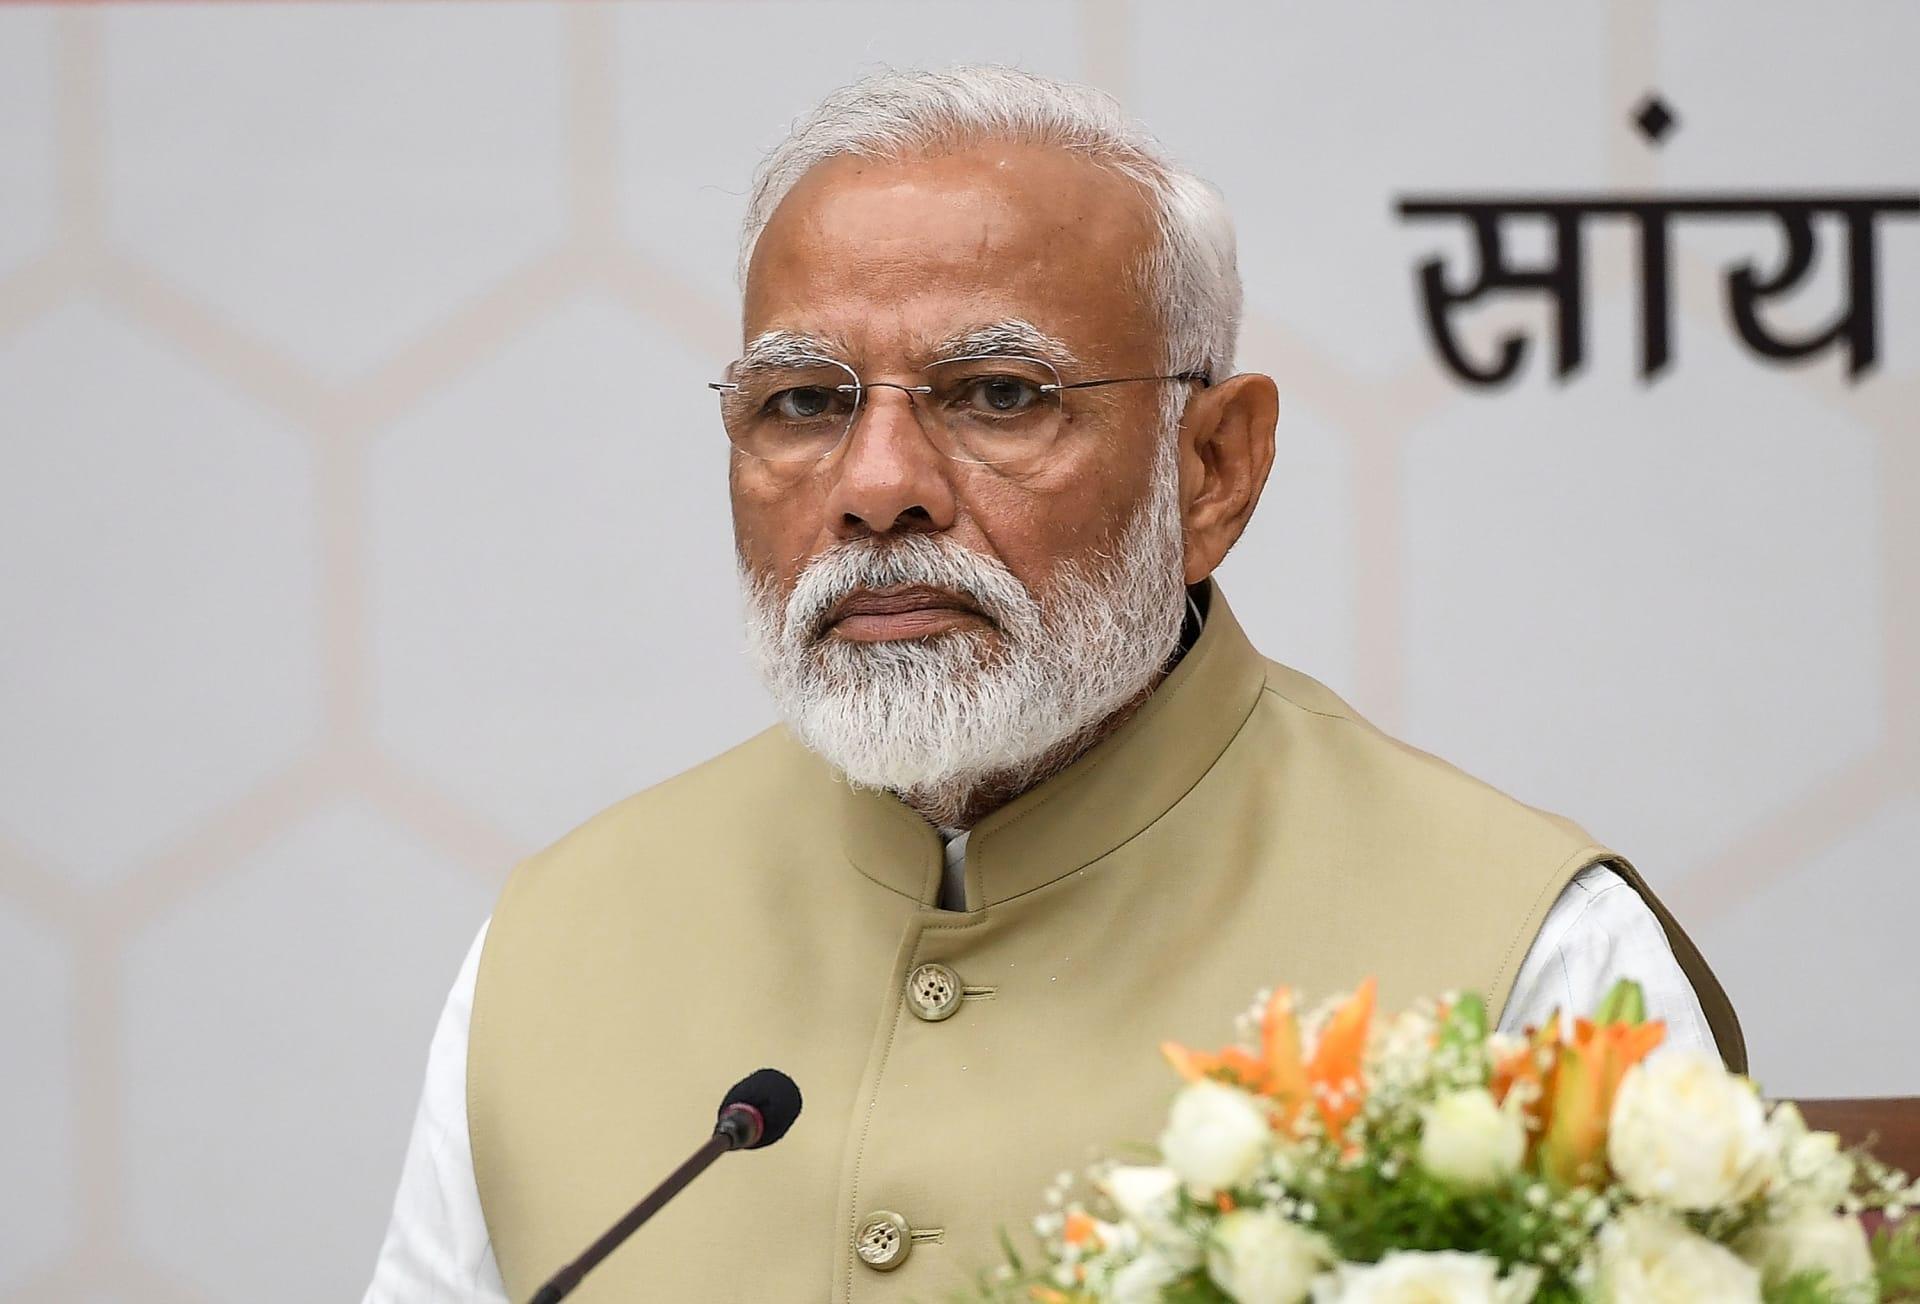 تويتر يحقق في اختراق حساب مرتبط برئيس الوزراء الهندي ناريندرا مودي